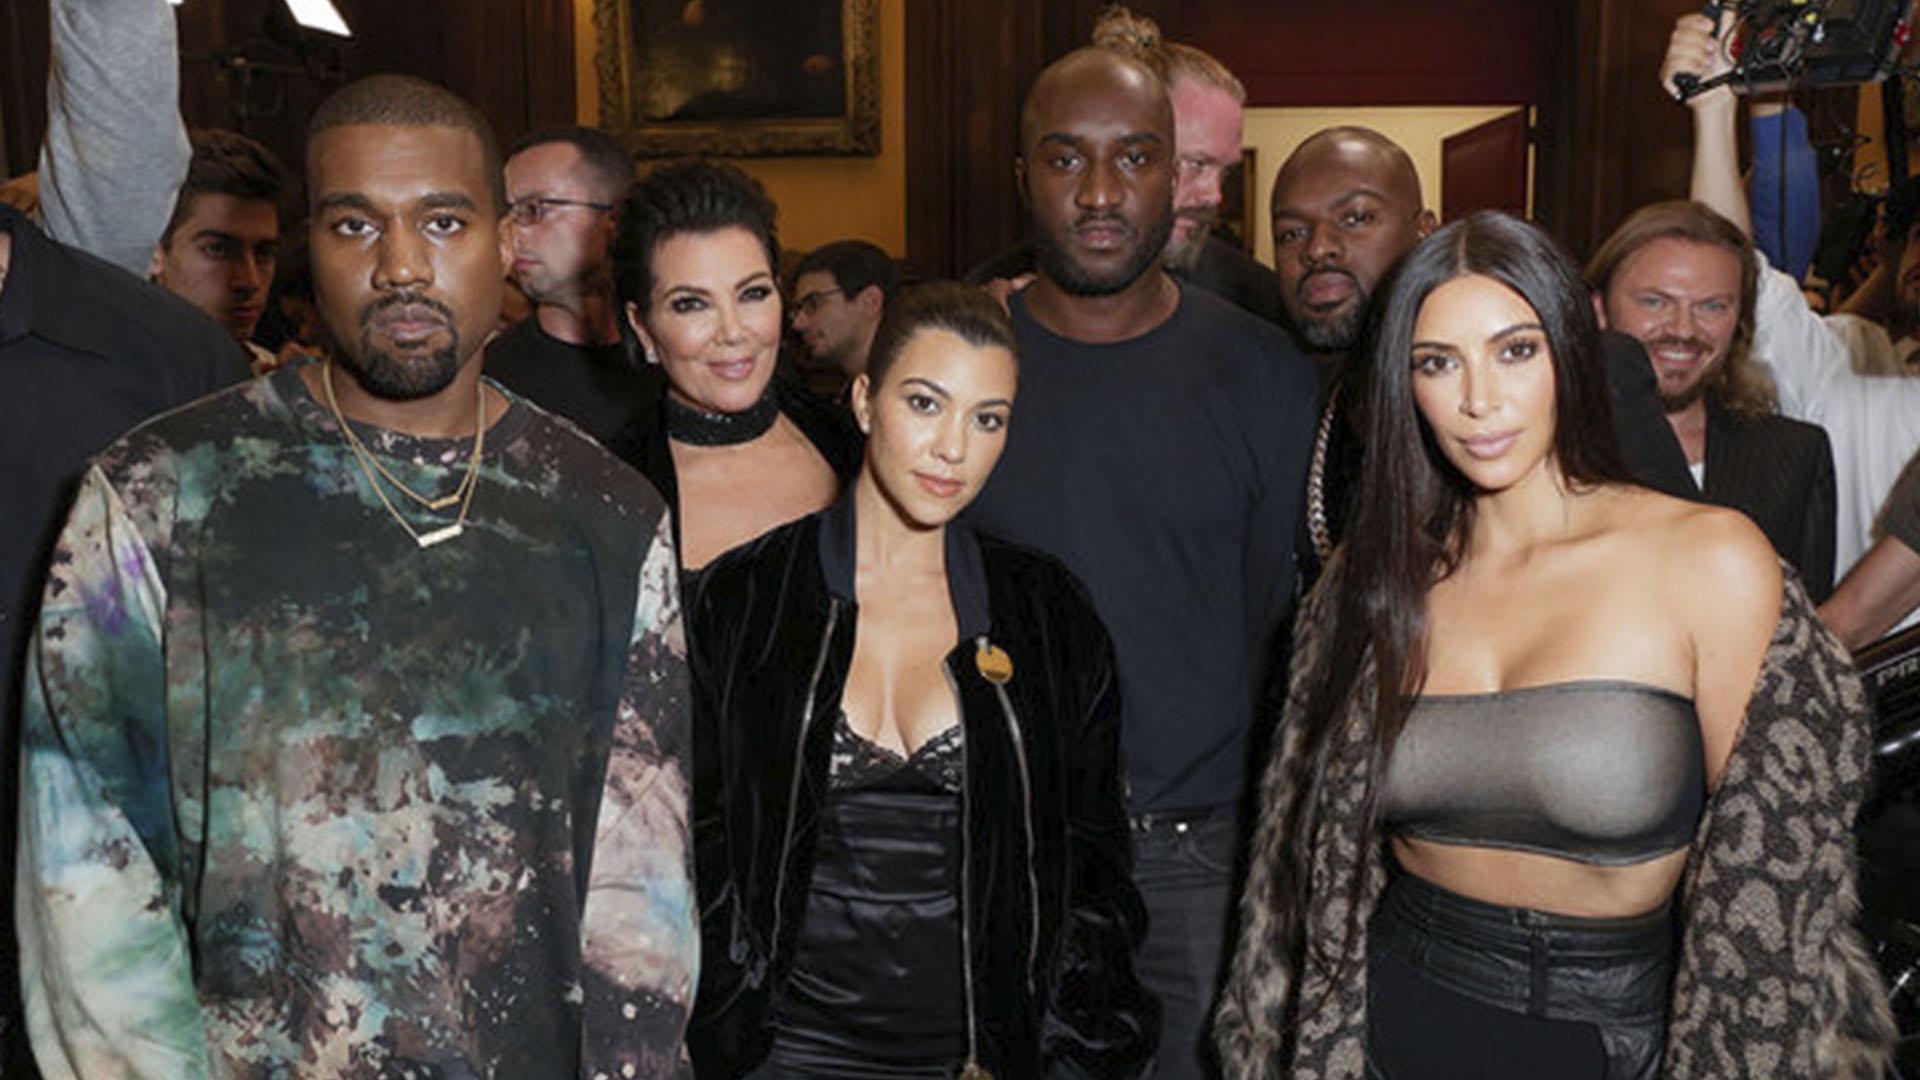 Amigos. Kim y Kourtney Kardashian junto a sus maridos, su madre Kris Jenner y el diseñador Virgil Abloh al finalizar su último desfile. (Gentileza: Billboard)